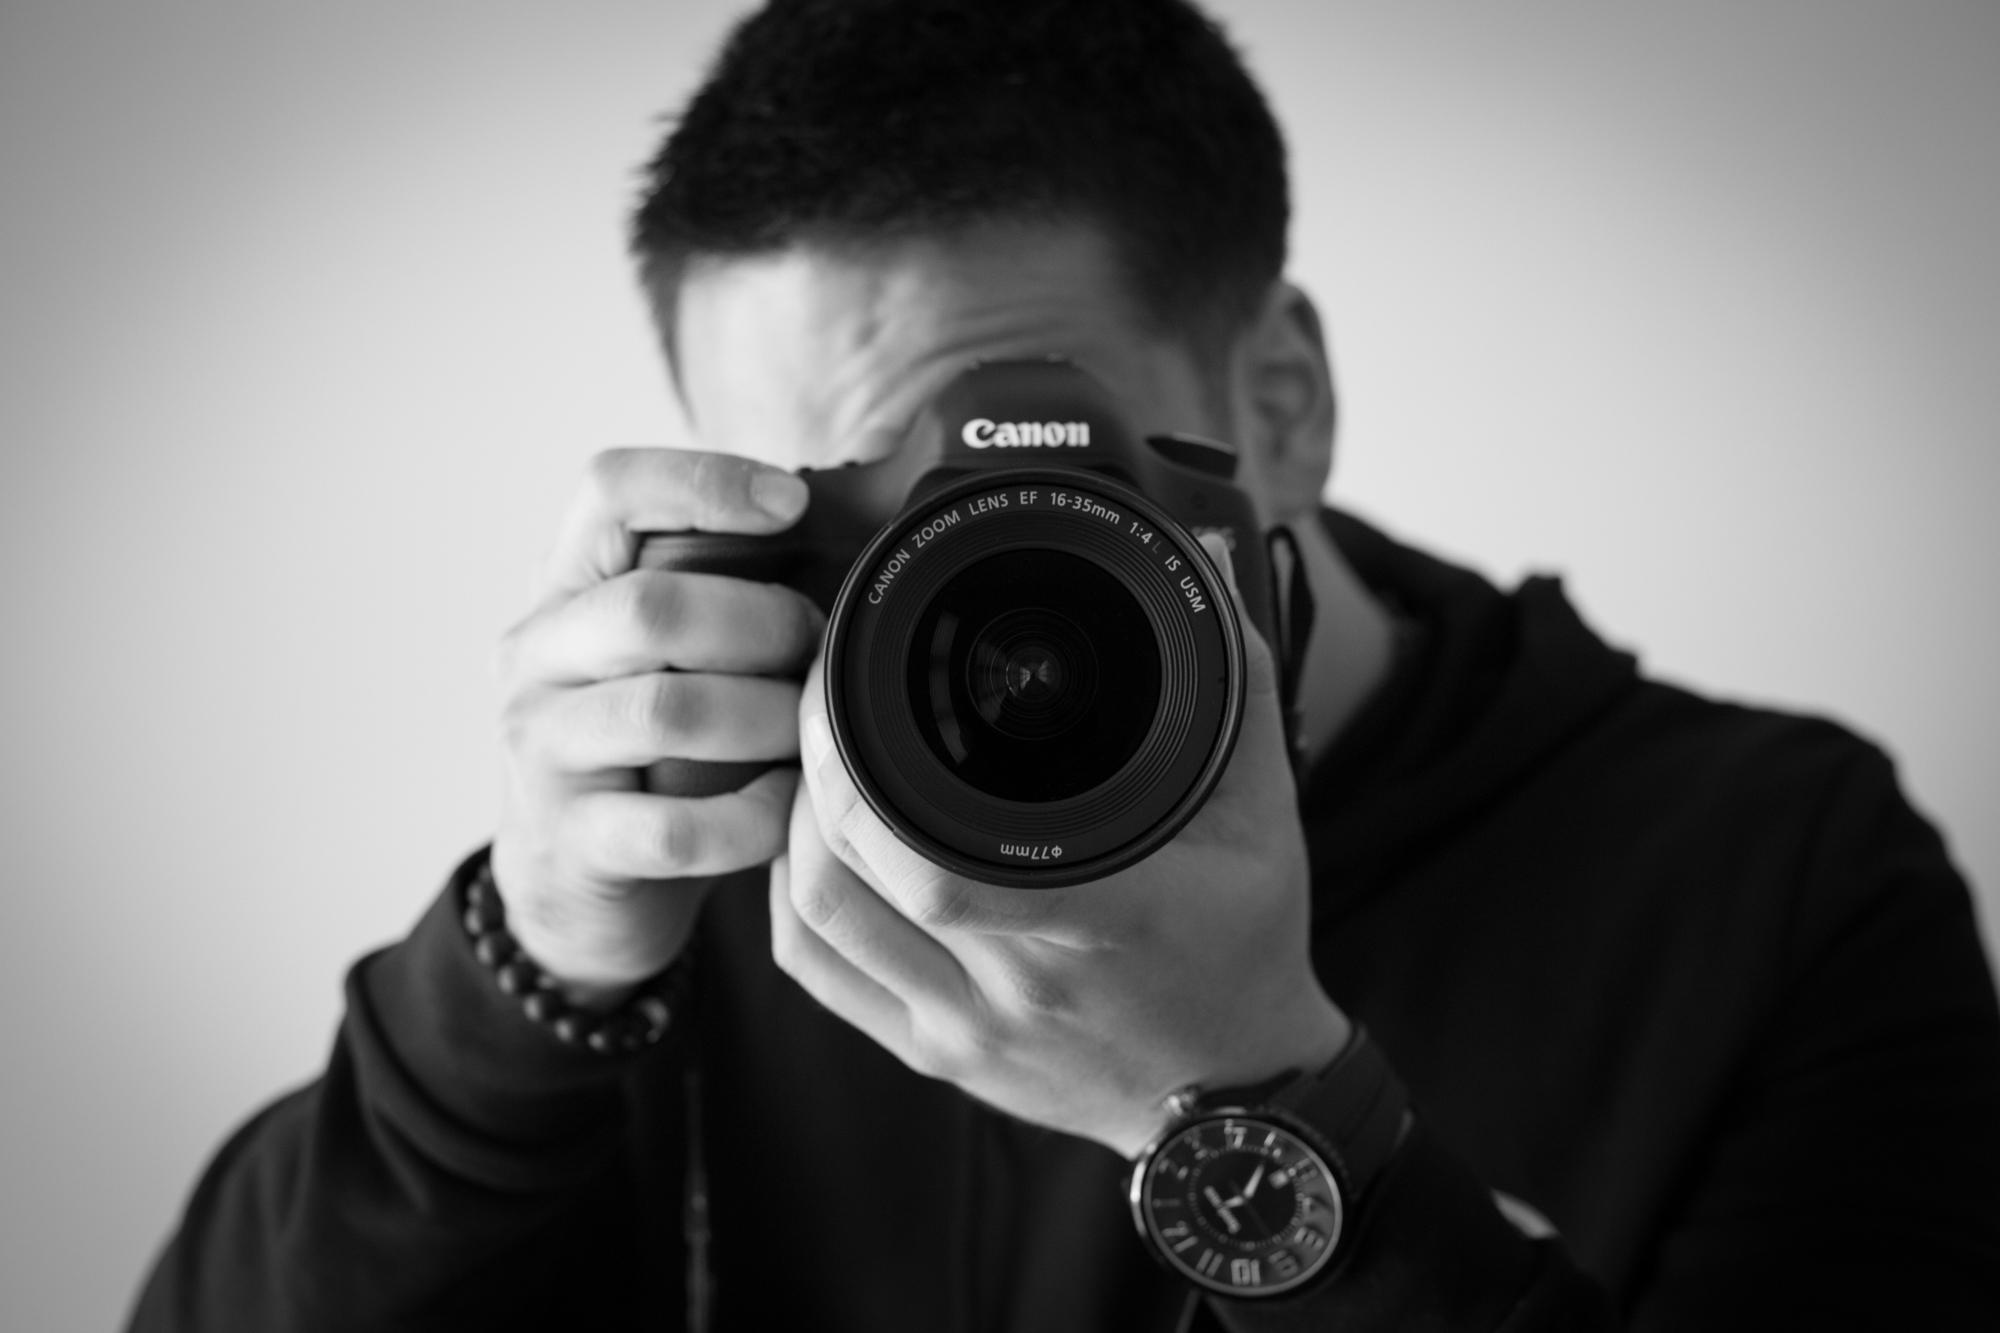 Justin taking photo